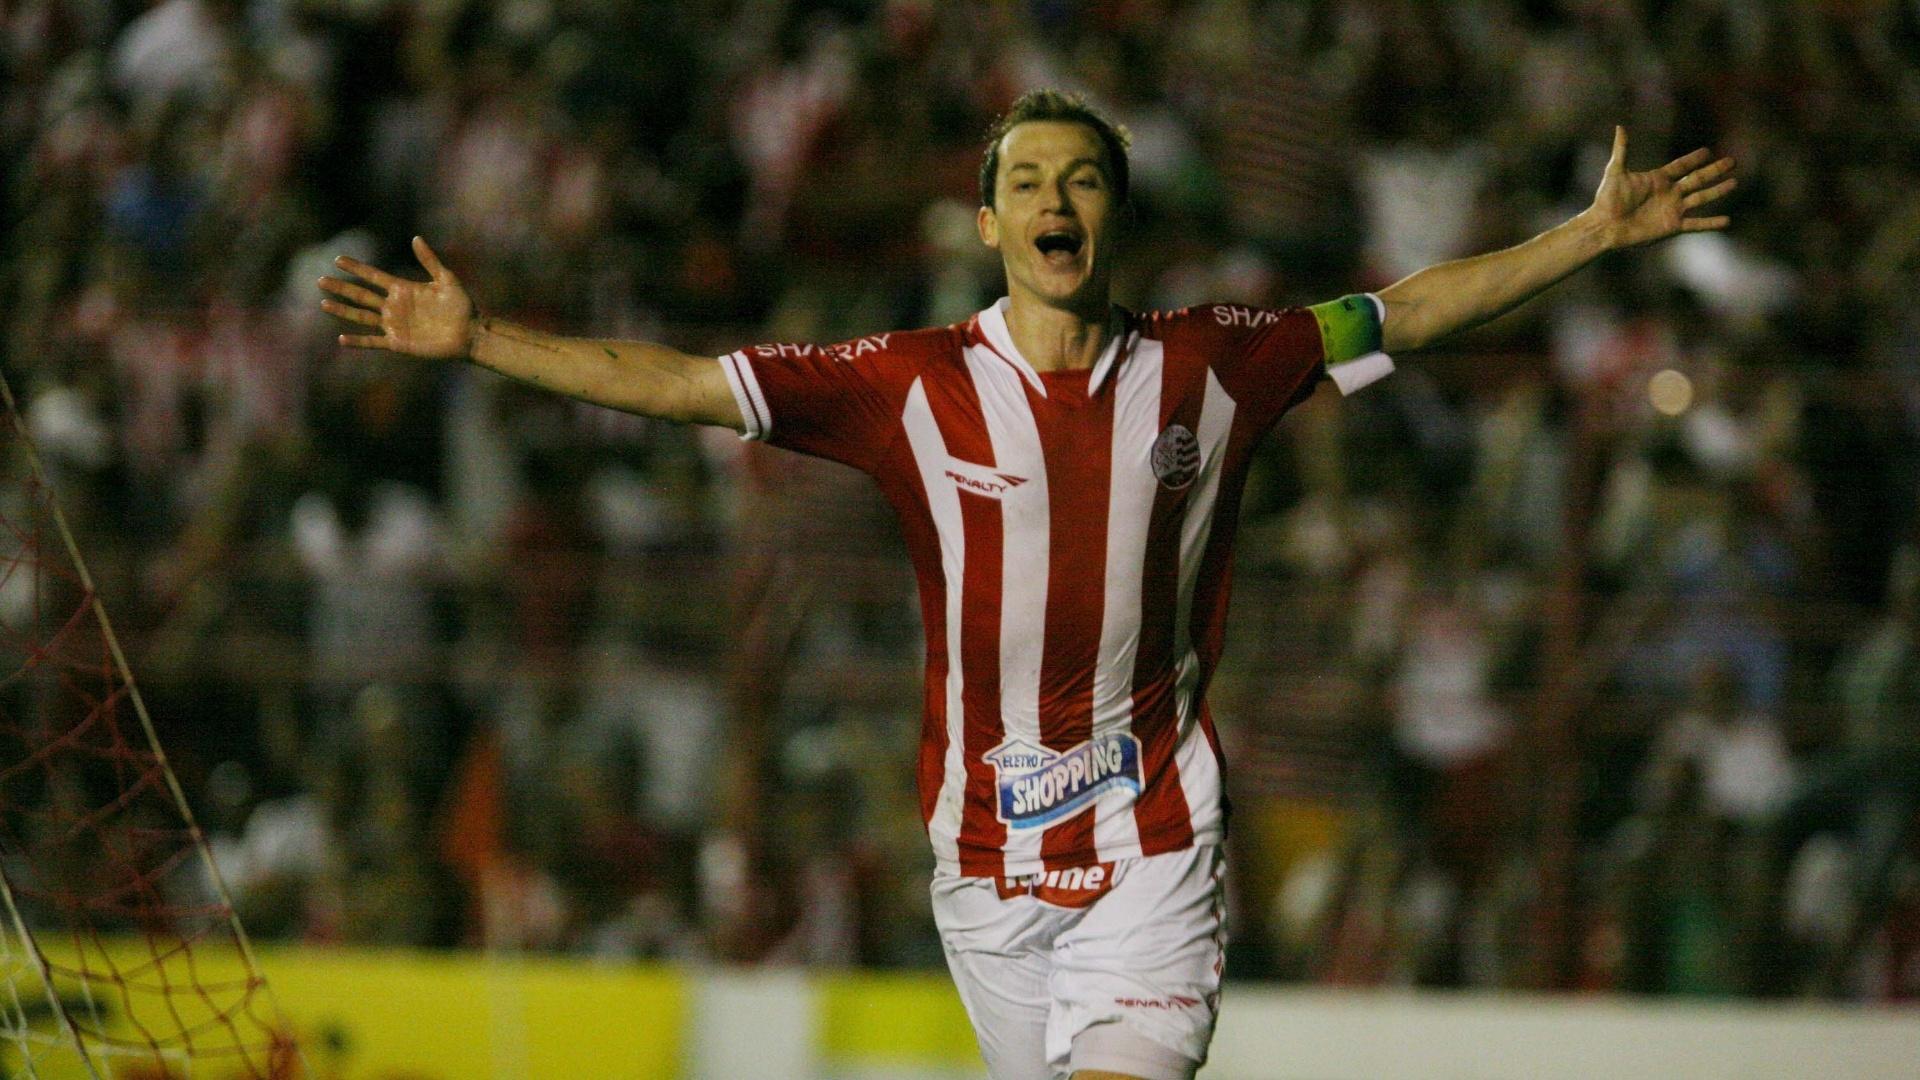 Martinez comemora o gol da vitória do Náutico sobre o Bahia por 1 a 0, nos Aflitos